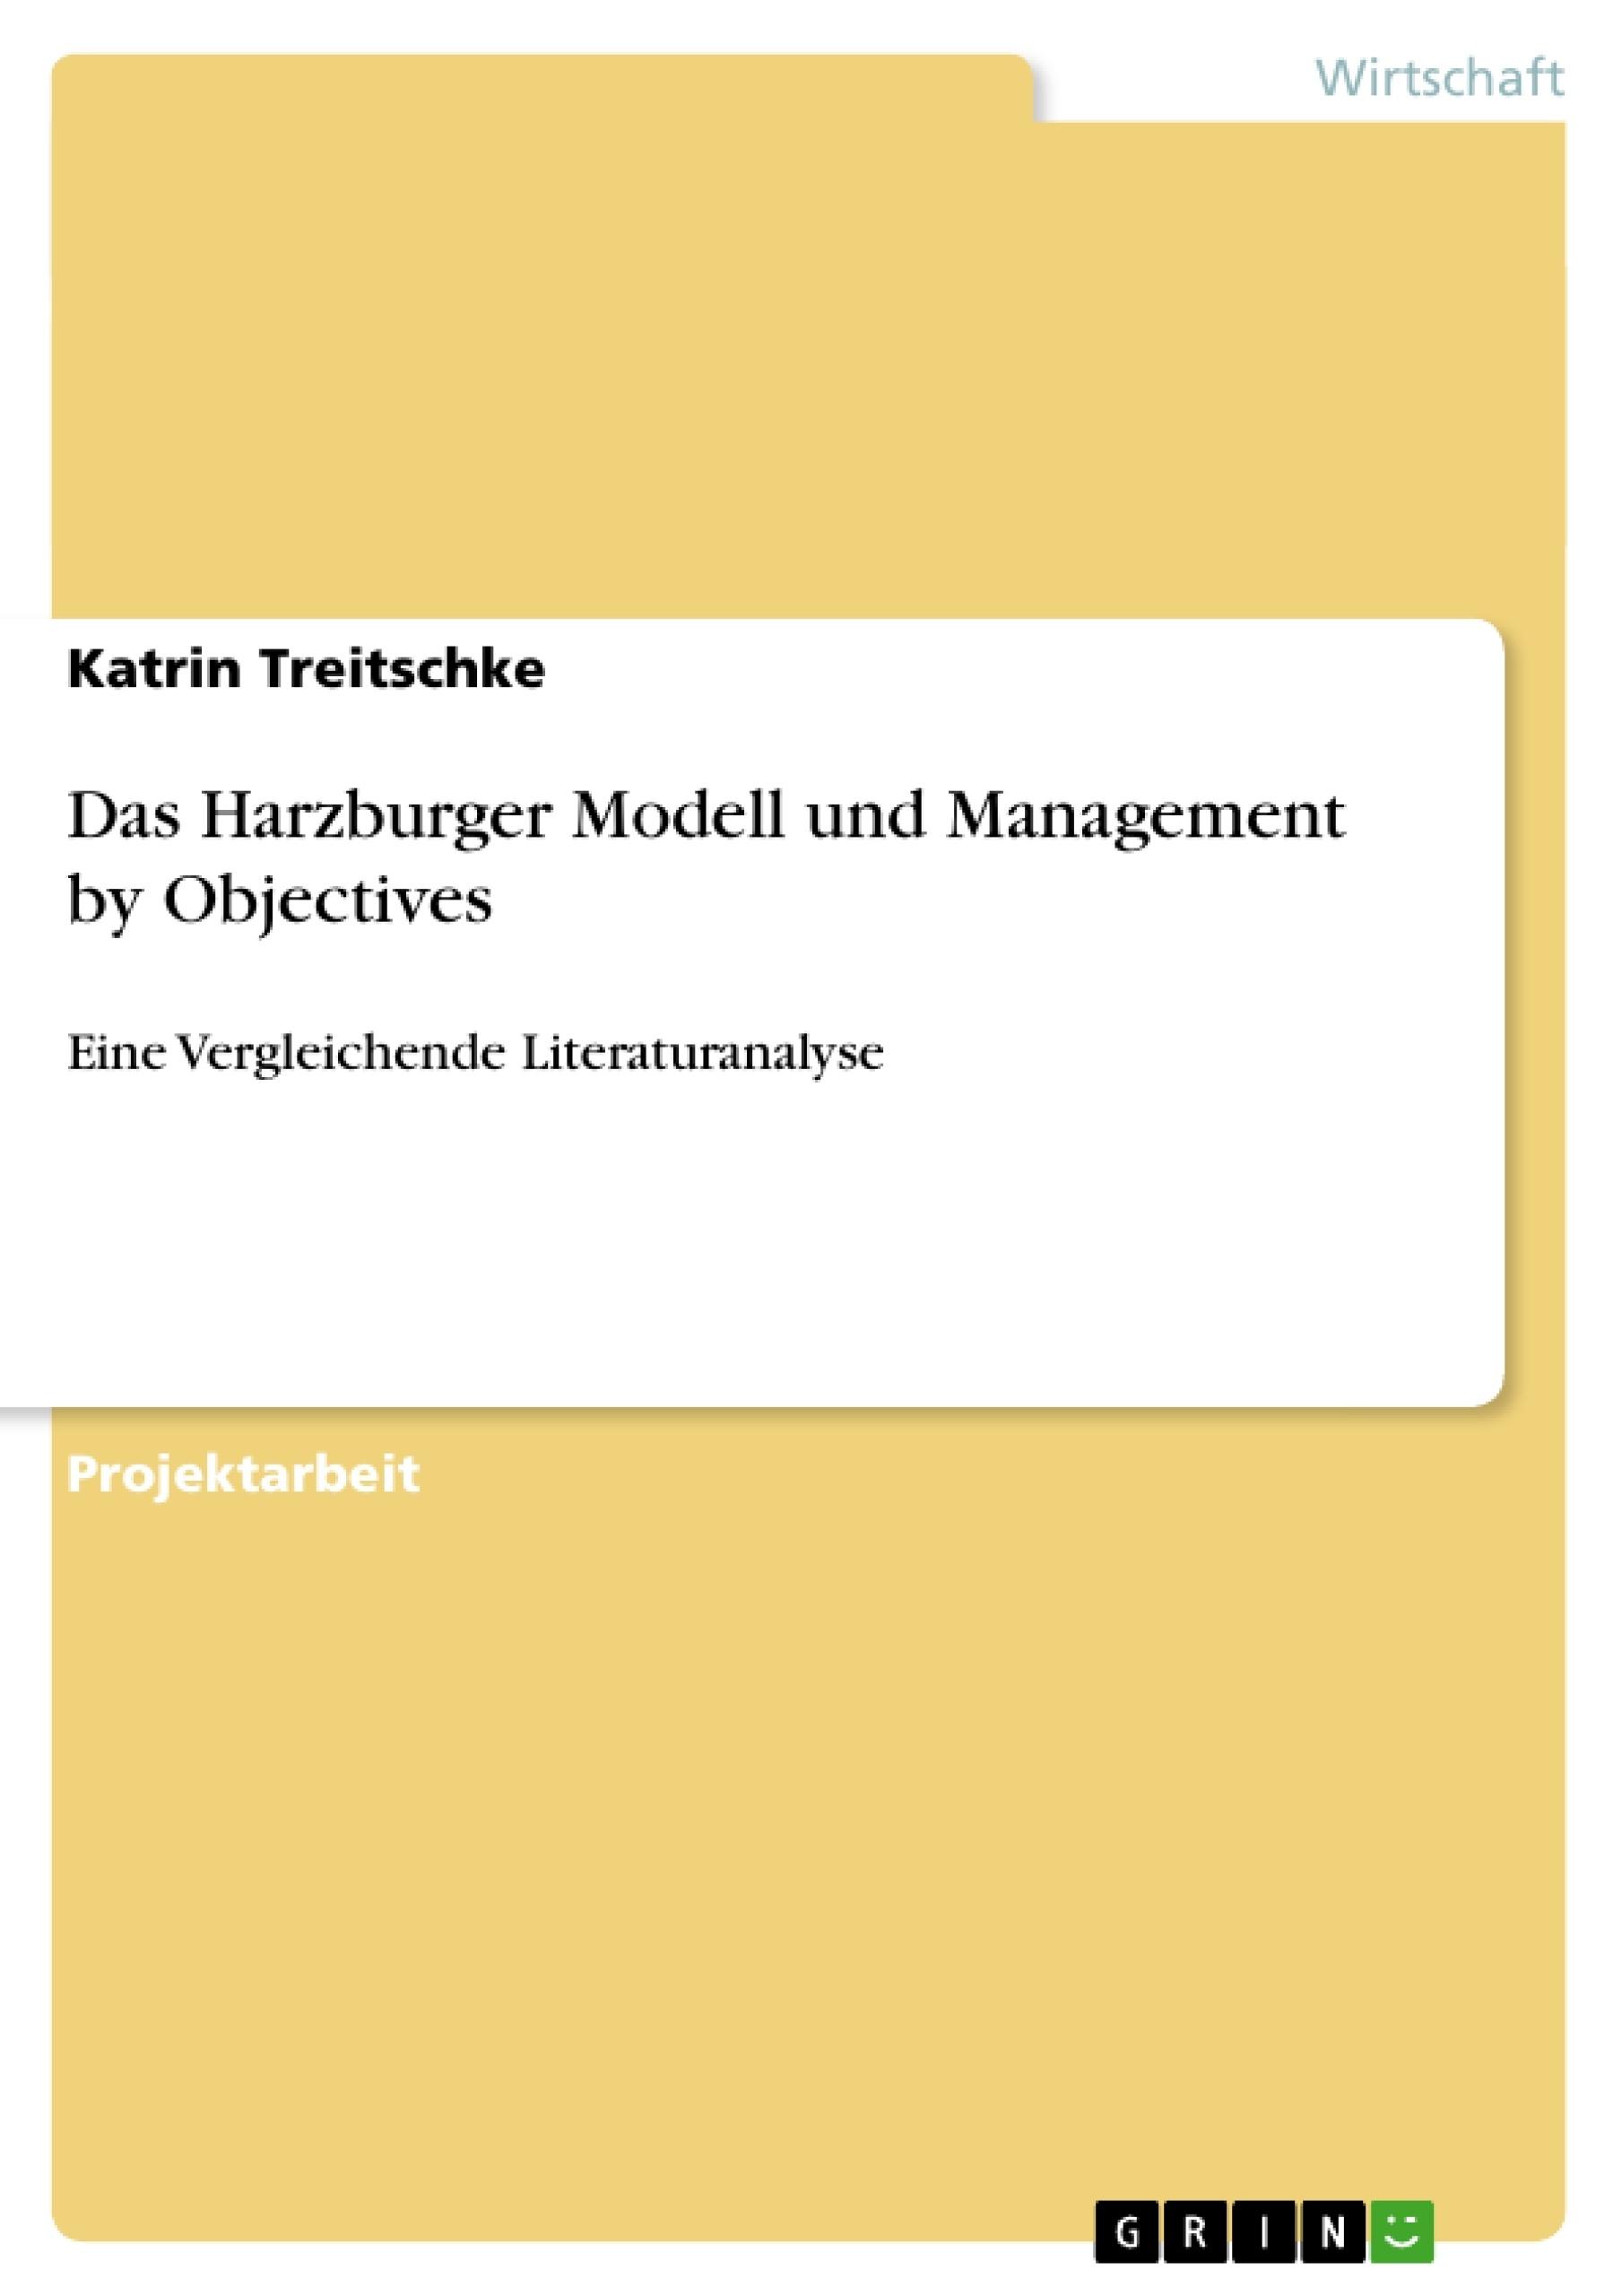 Titel: Das Harzburger Modell und Management by Objectives